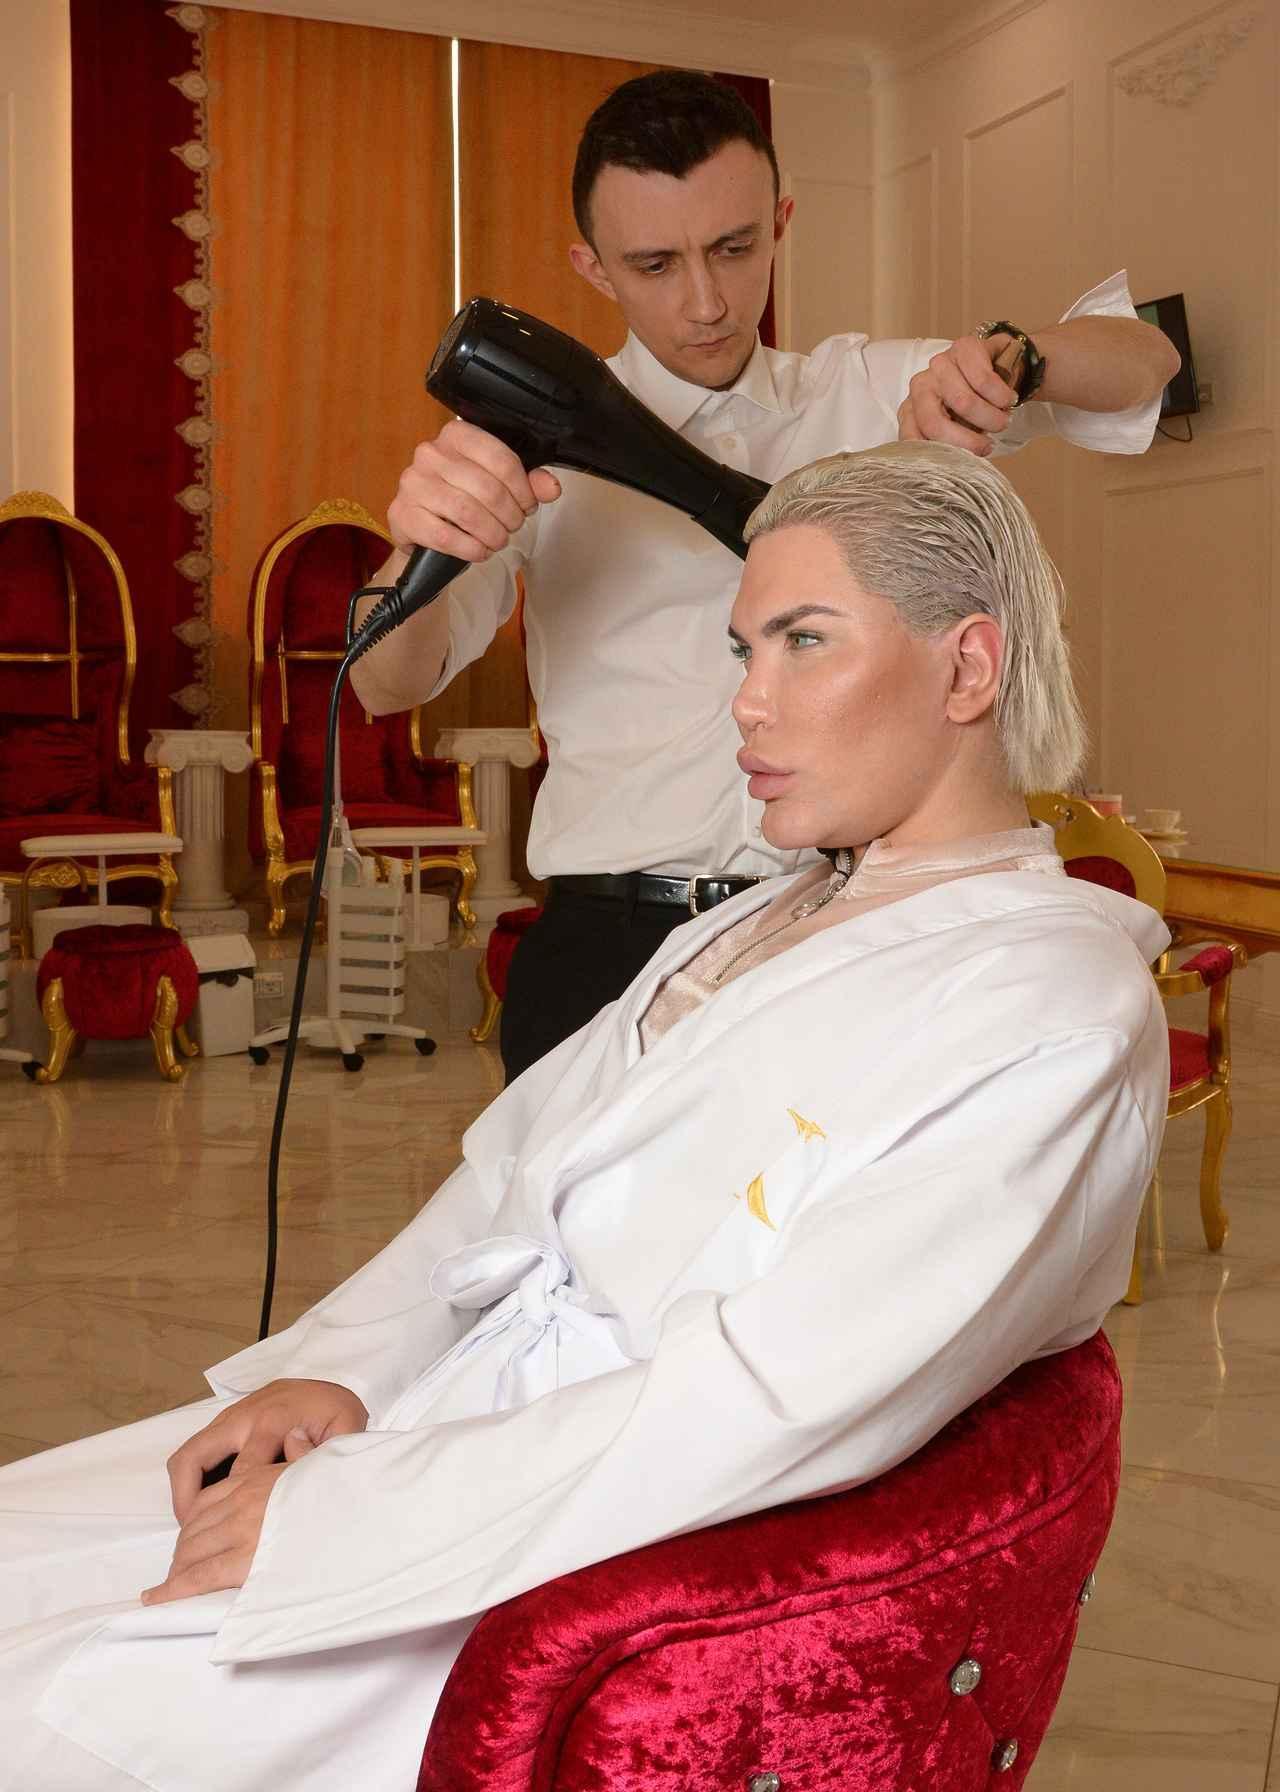 画像2: 「リアルケン」になりたい男性、美容デーはVIP待遇